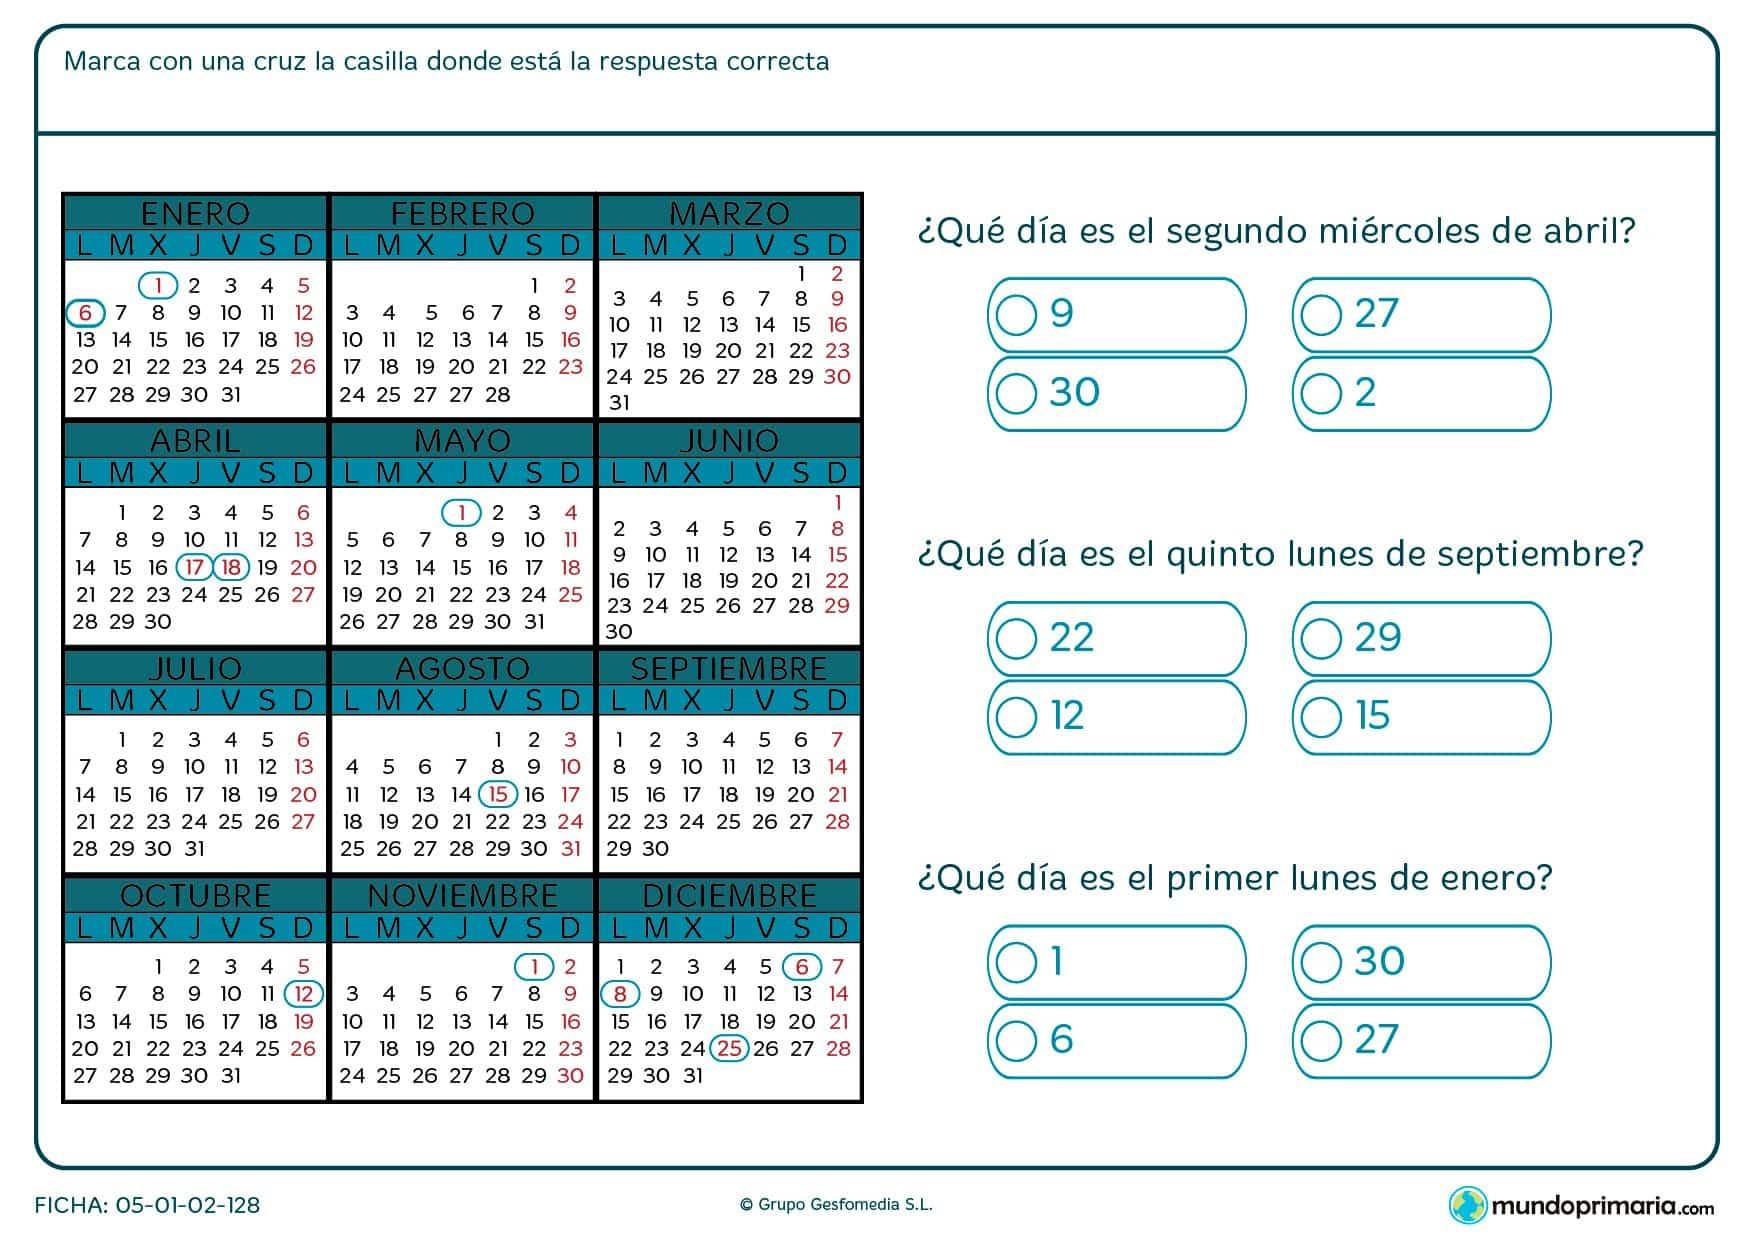 Ficha de interpretar calendario en el que debes decir que número de día es el que cae en un lugar concreto del calendario.